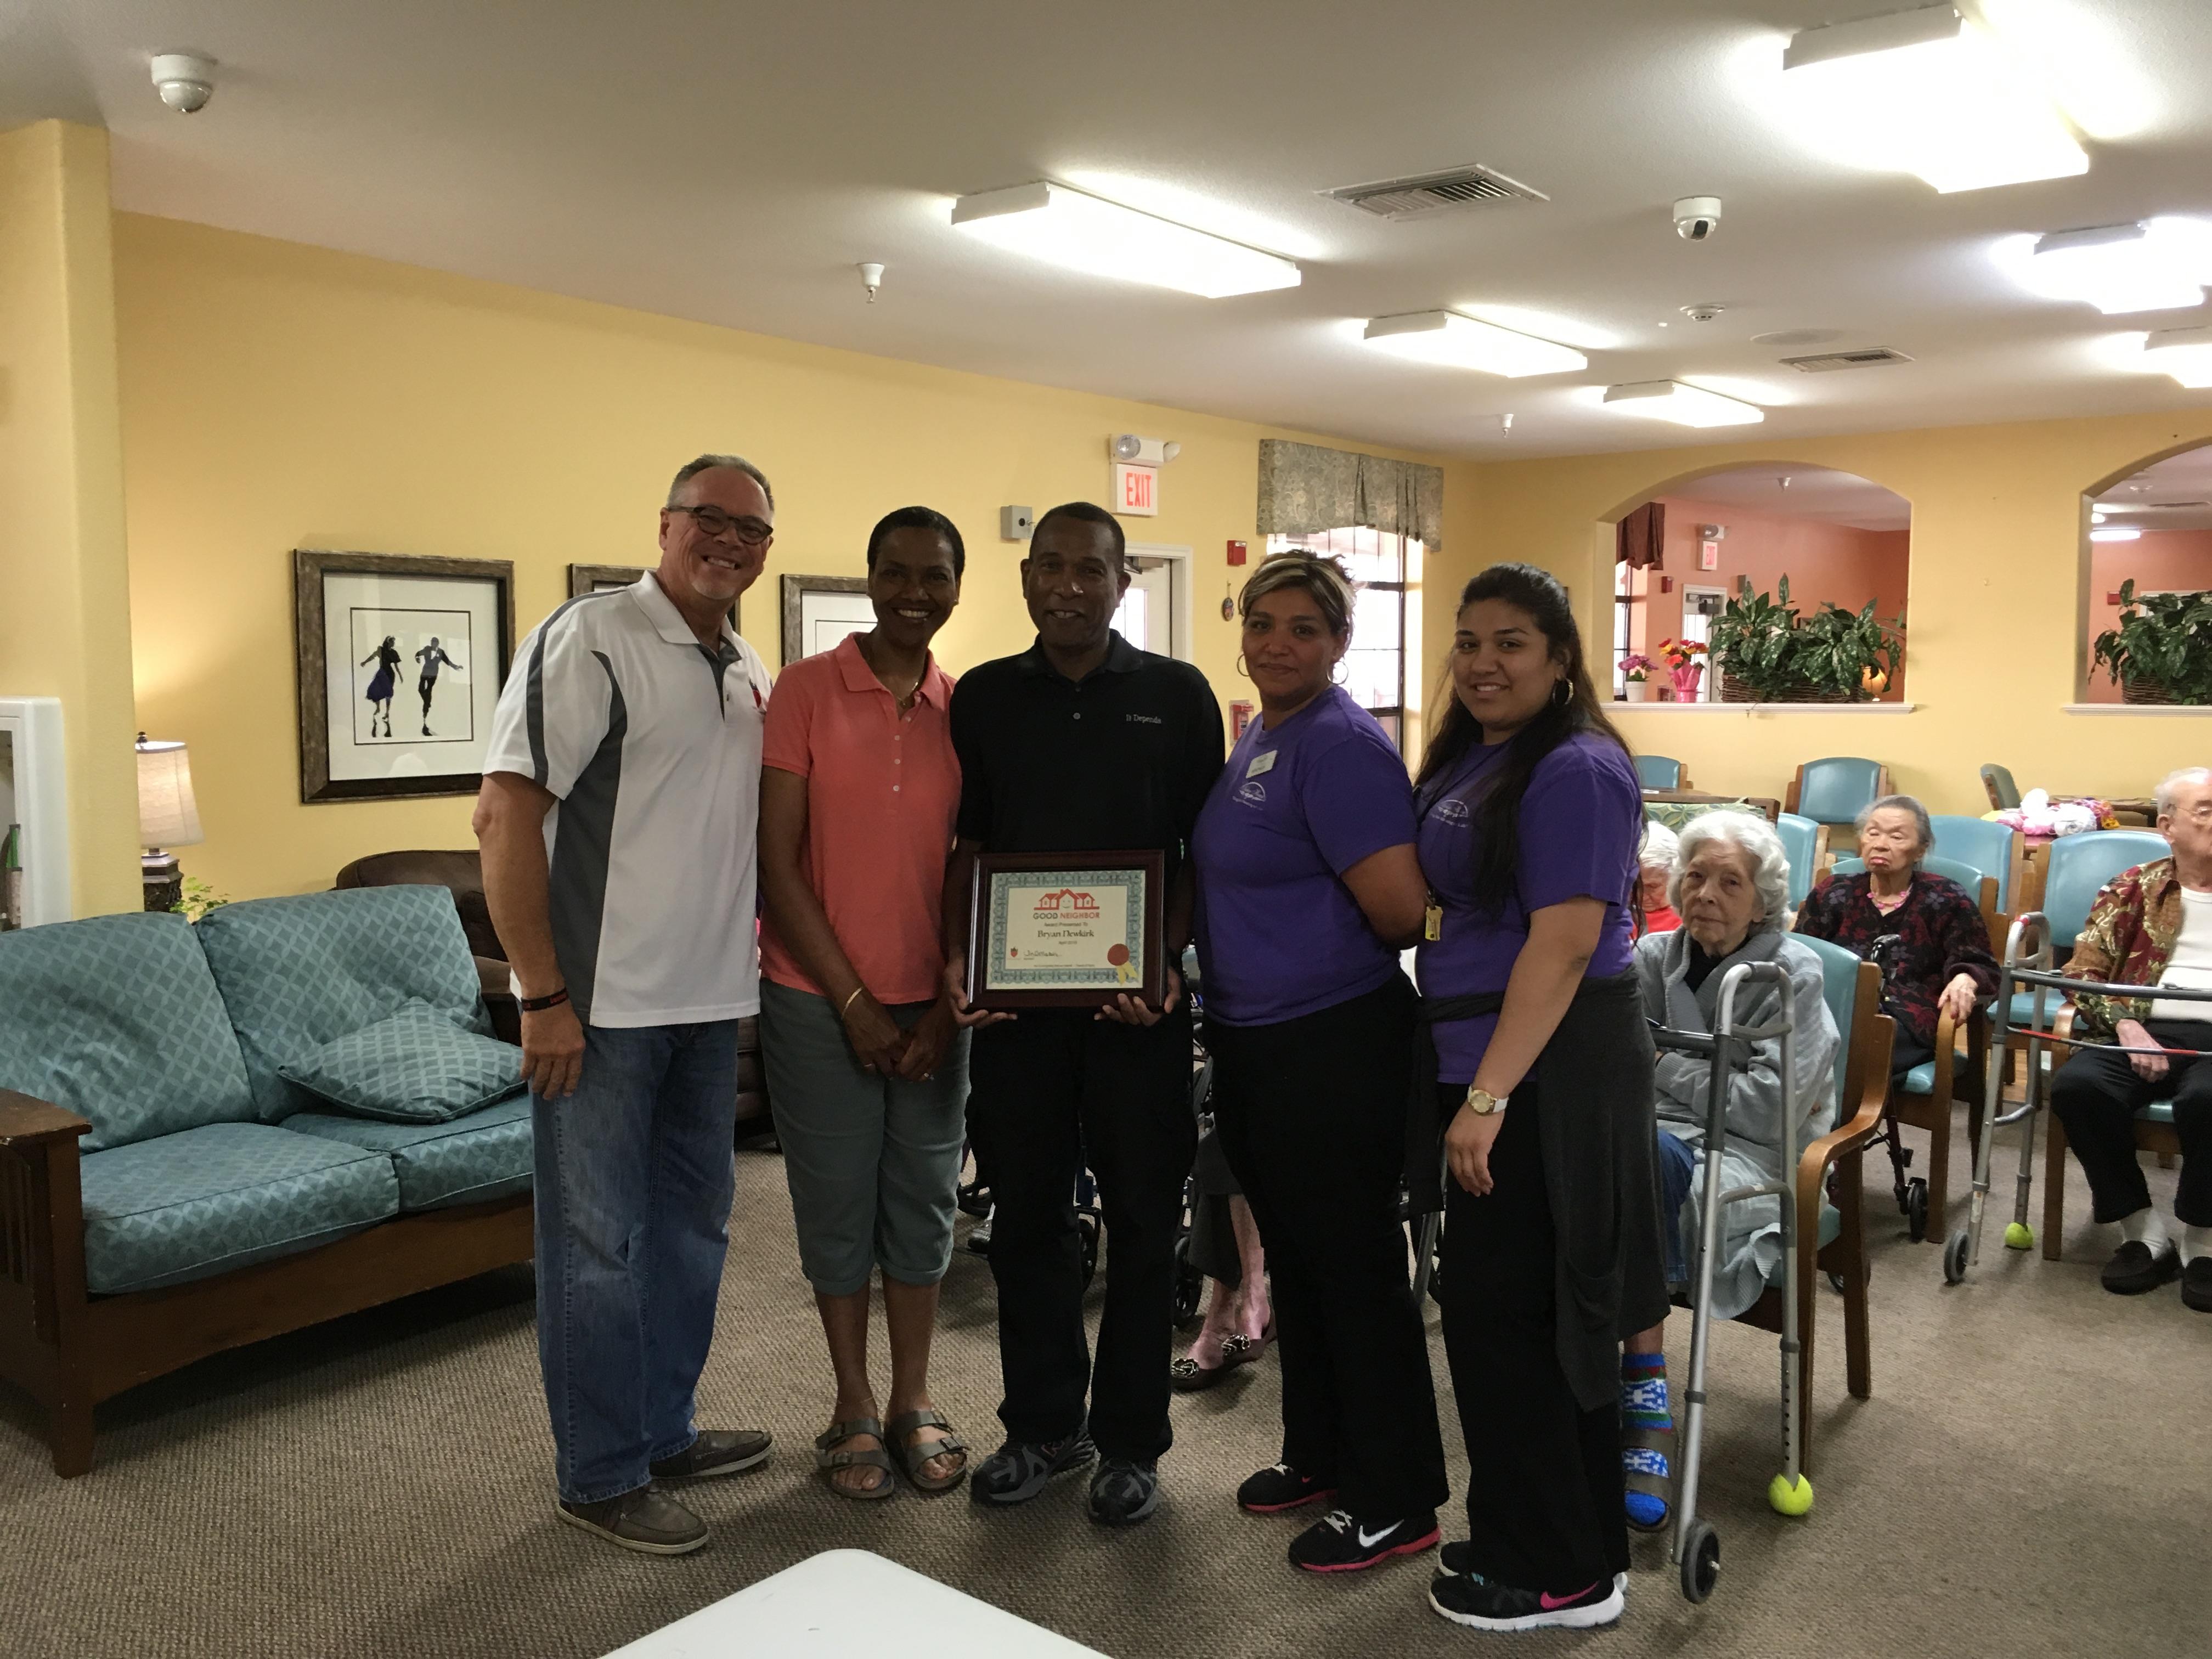 Bryan Newkirk Recipient of April 2016 Good Neighbor Award